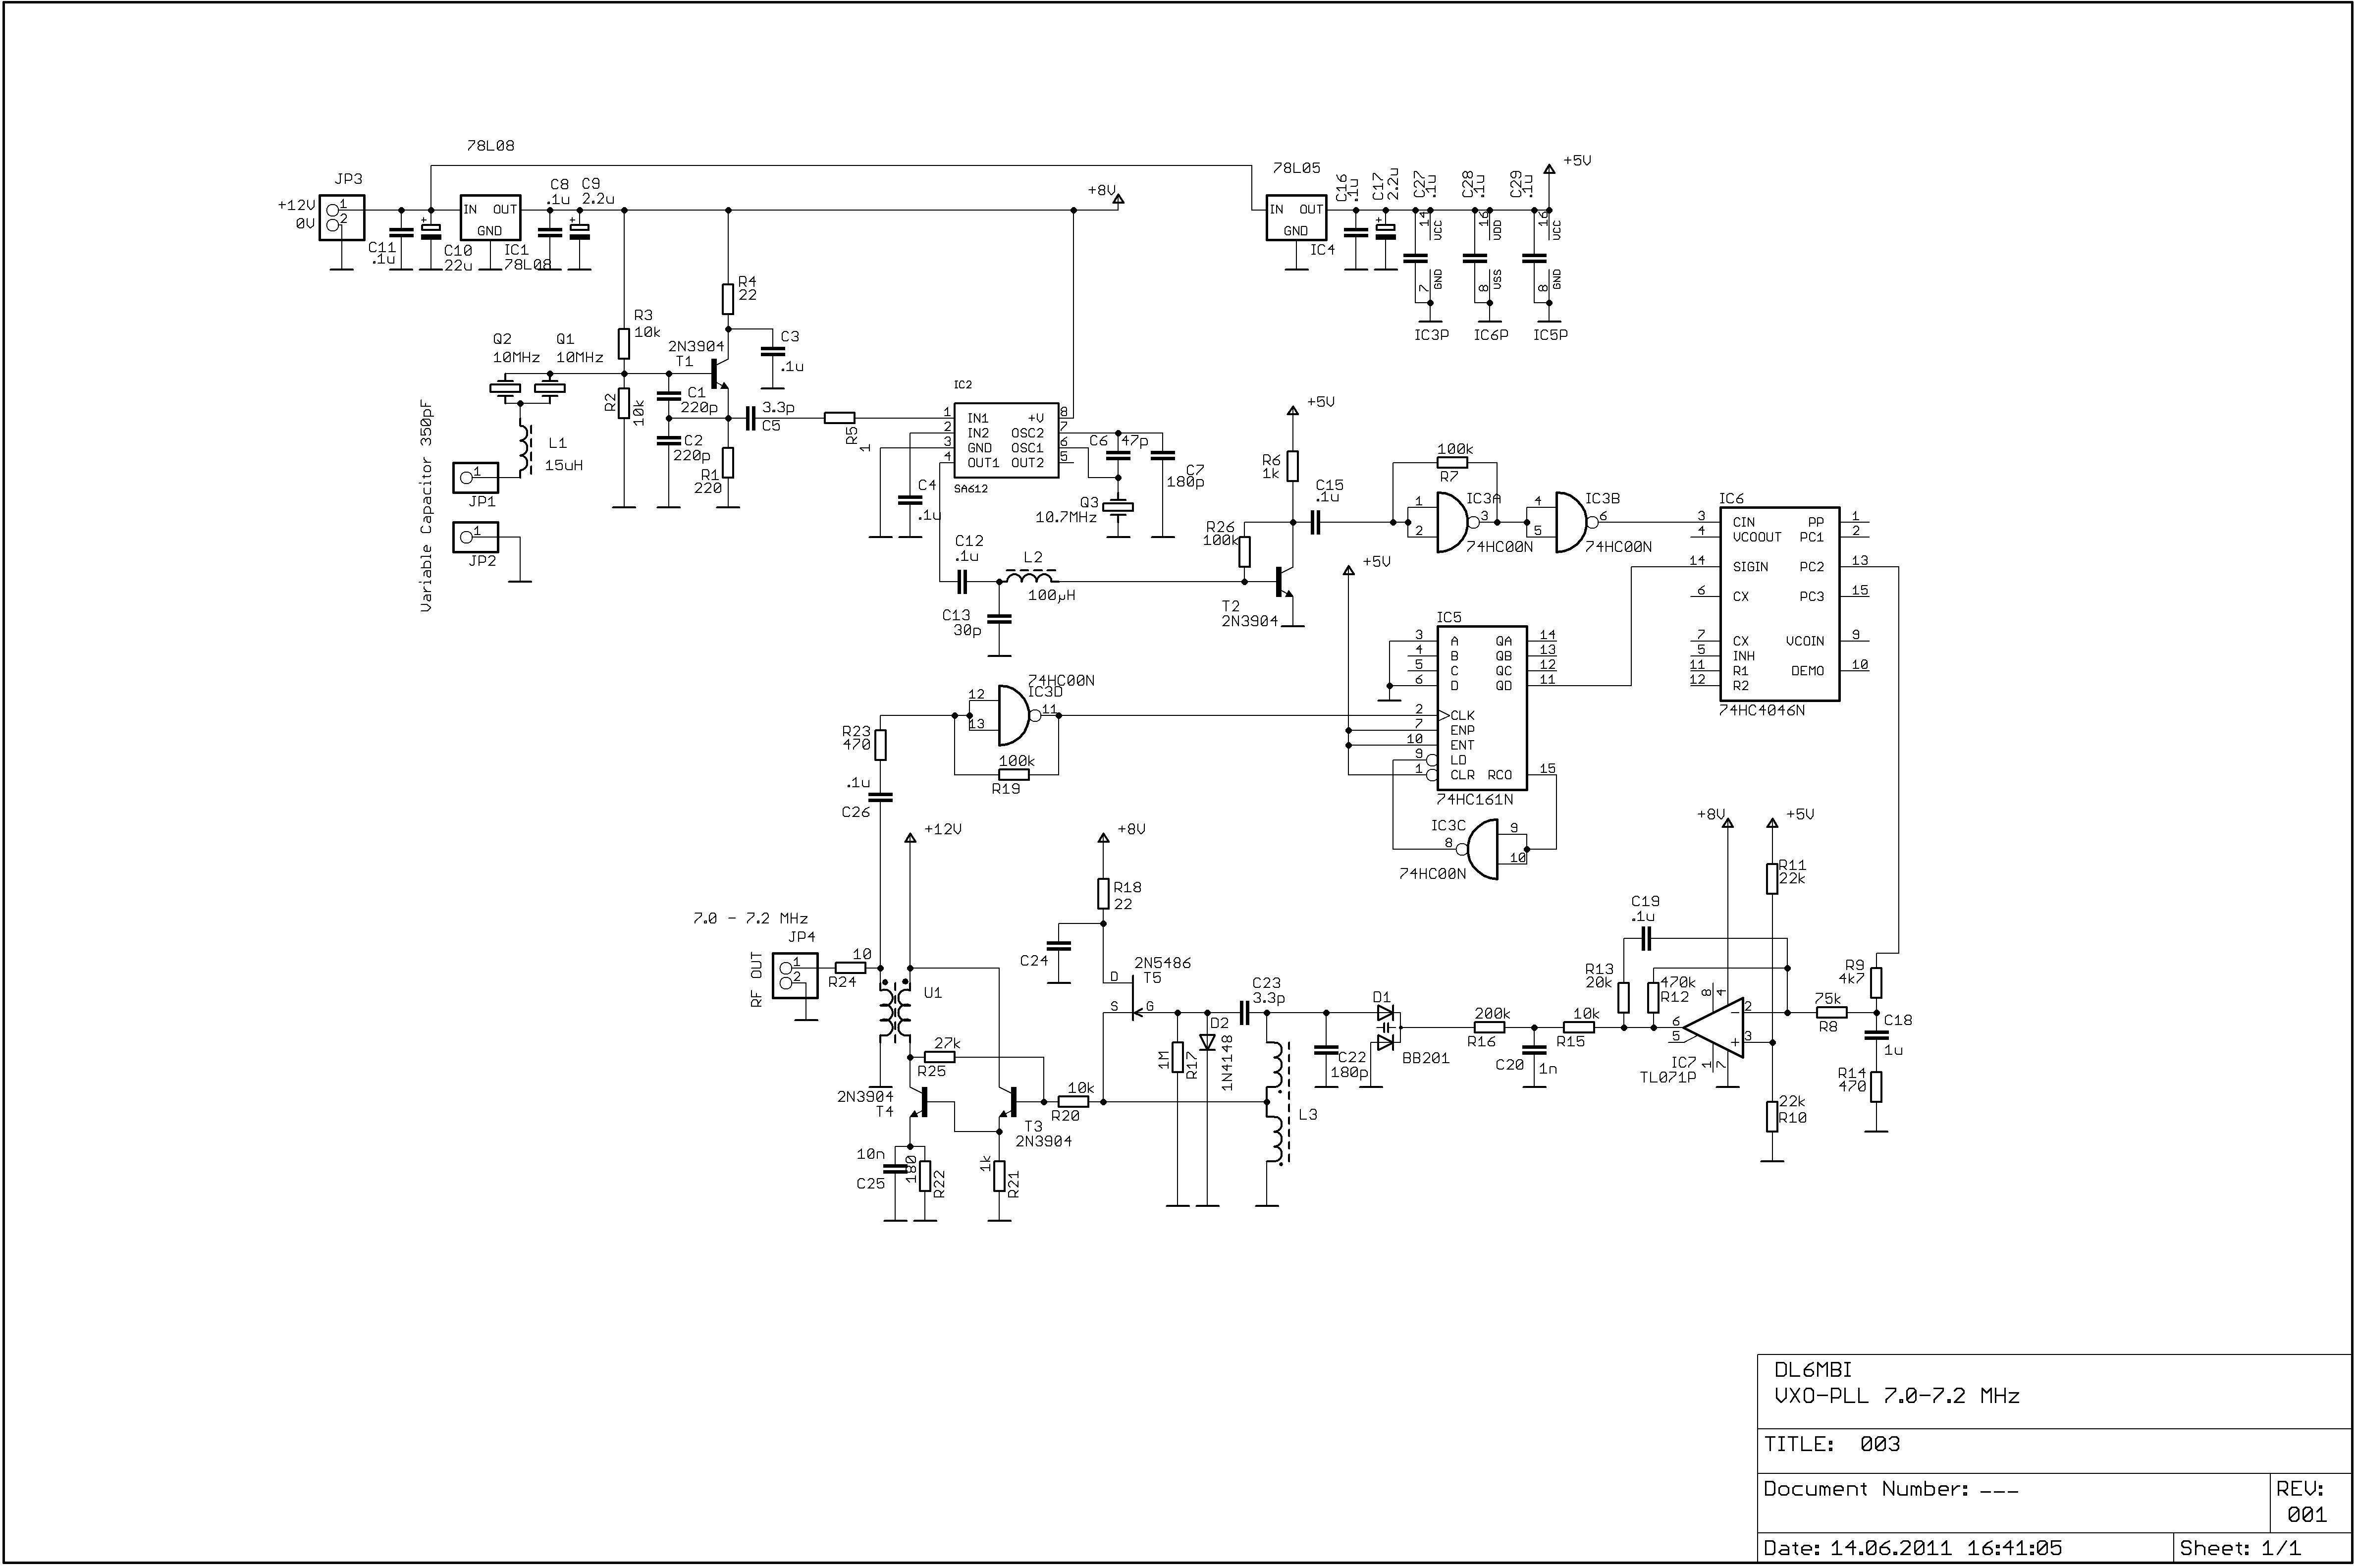 VXO PLL 7072 MHz